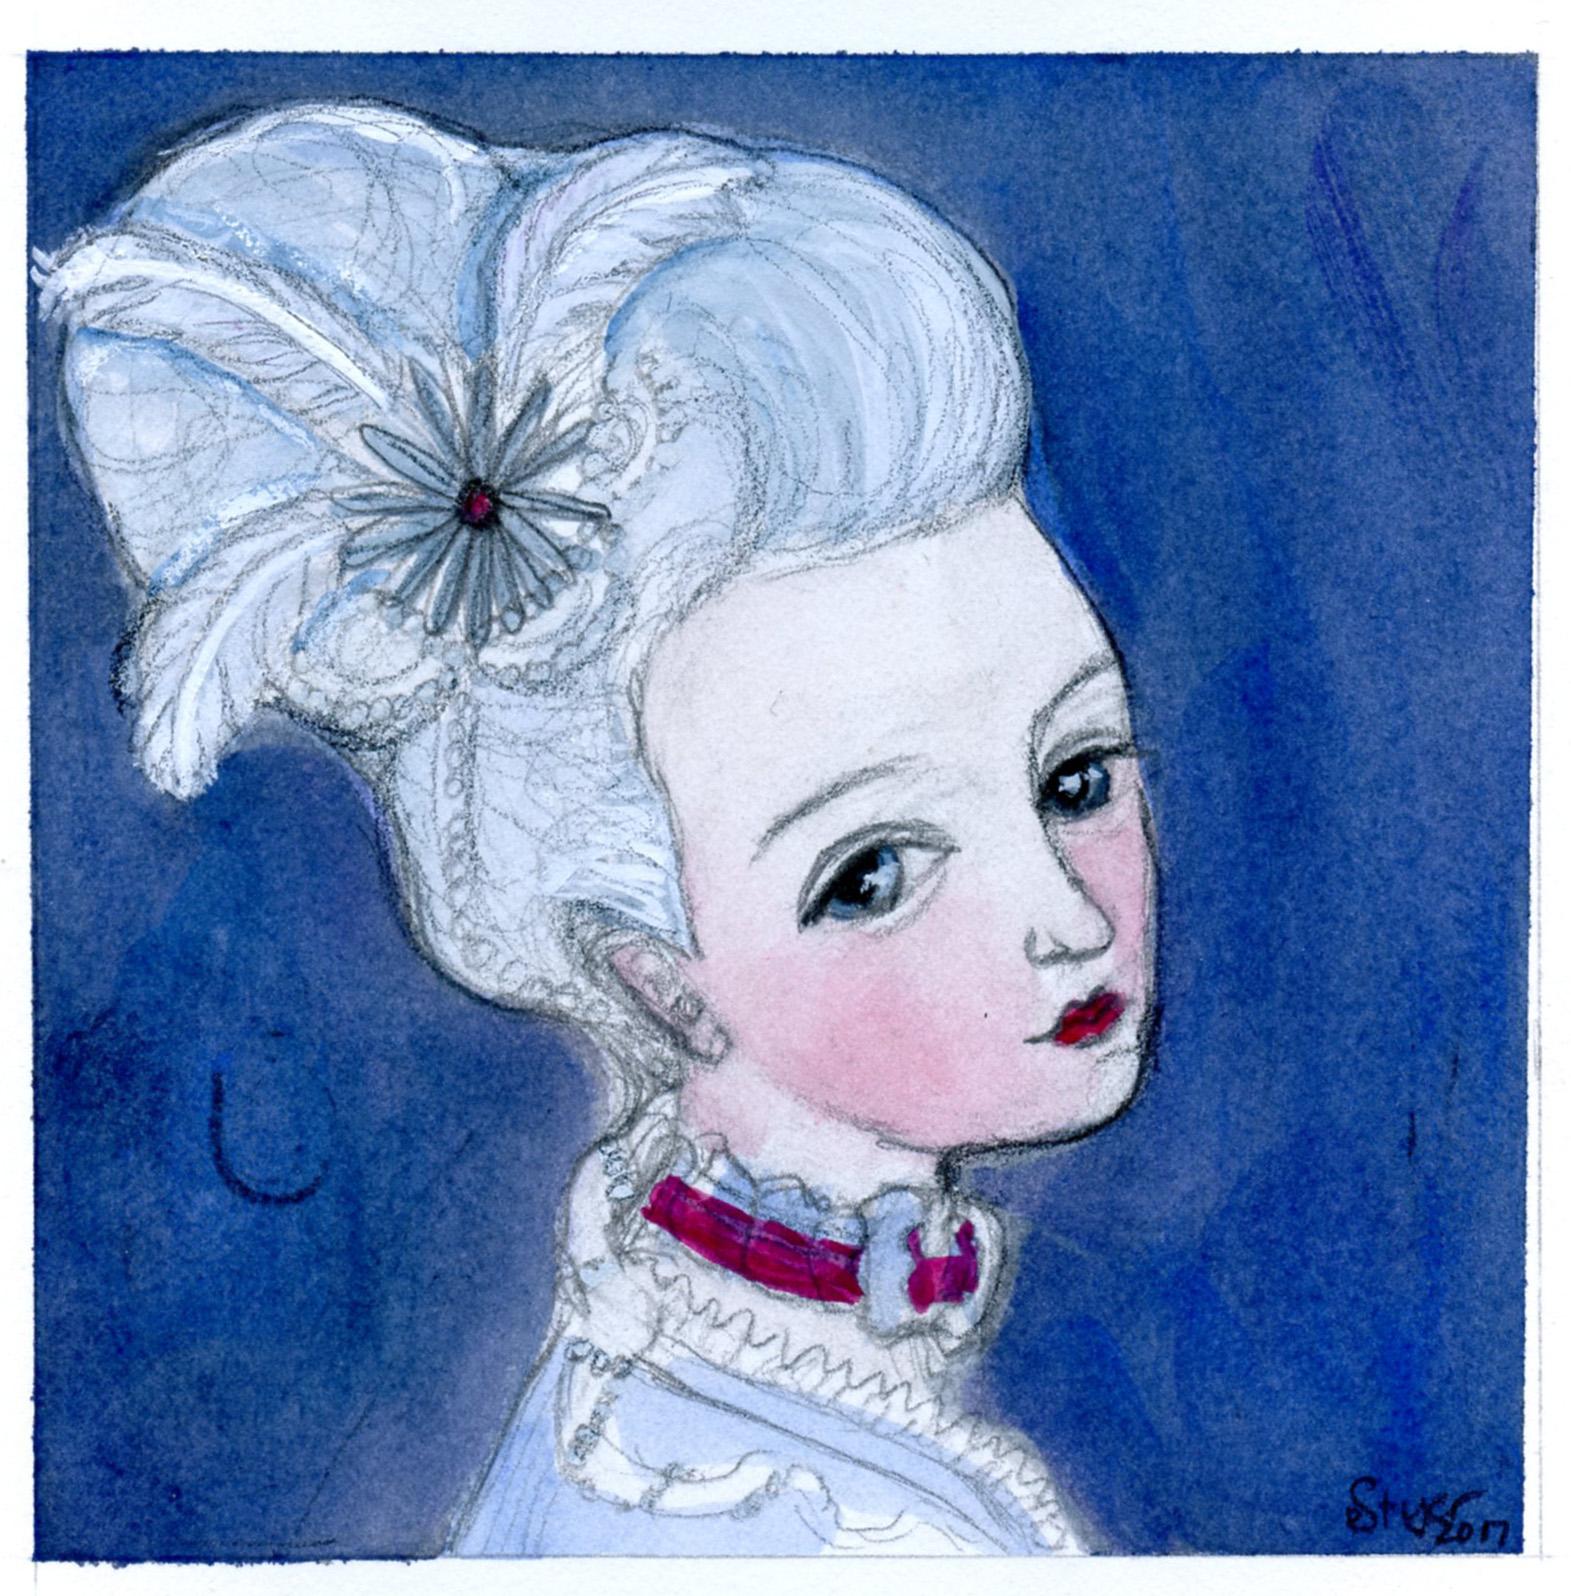 Tiny Show Marie Antoinette.jpg